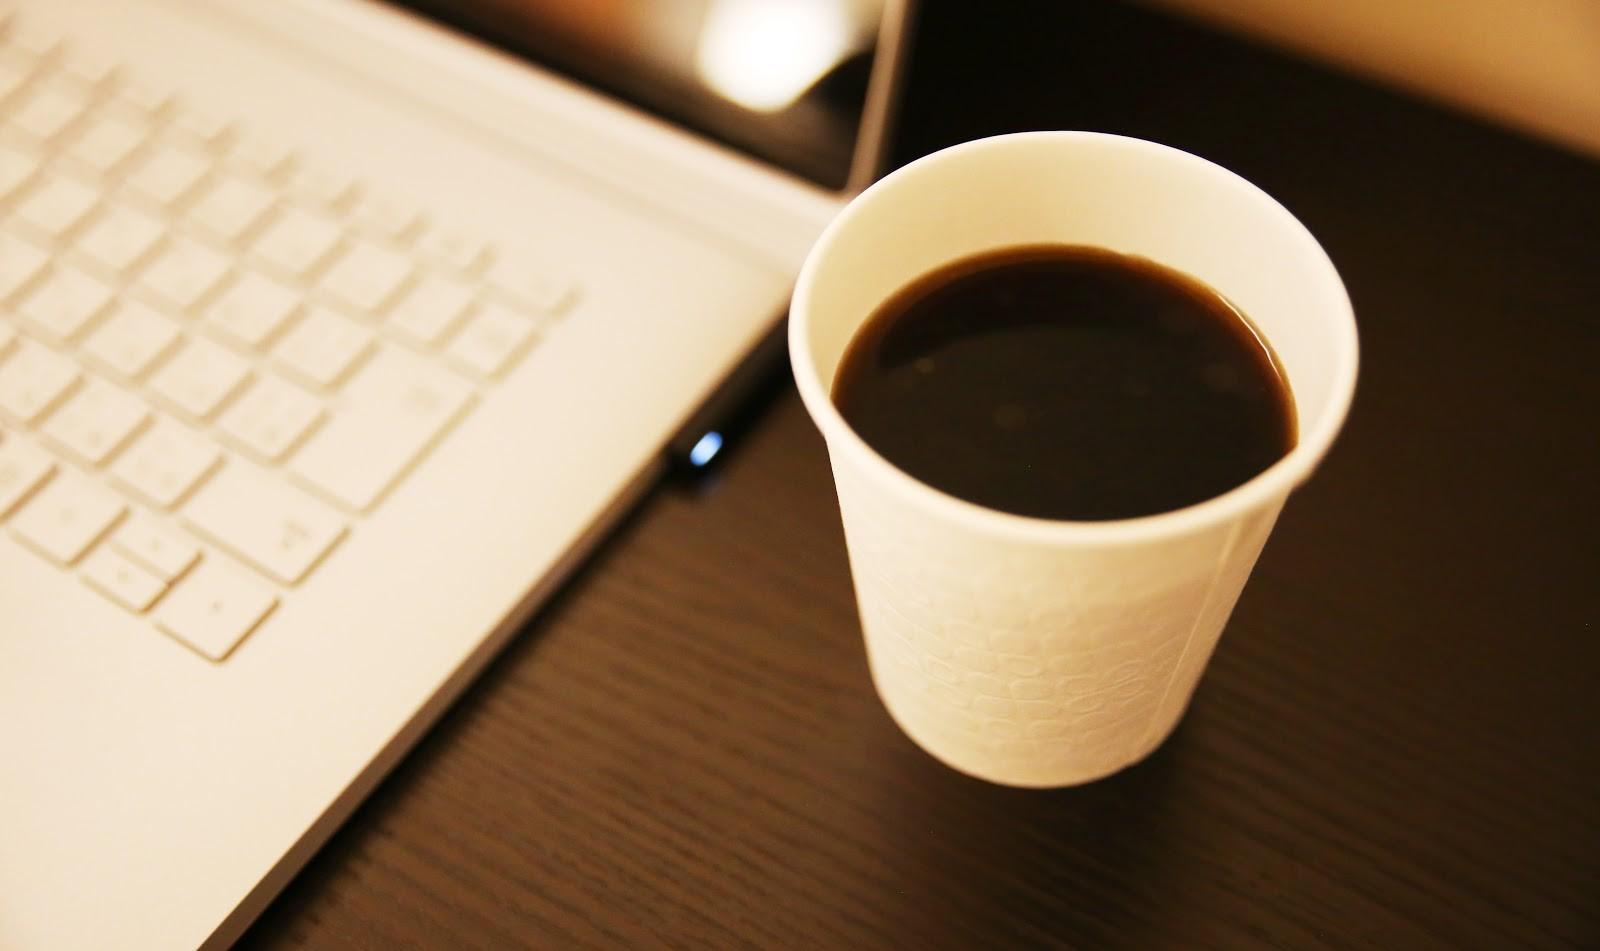 コーヒー飲み放題 - hotelzentokyo ワーキングブース #1の室内の写真